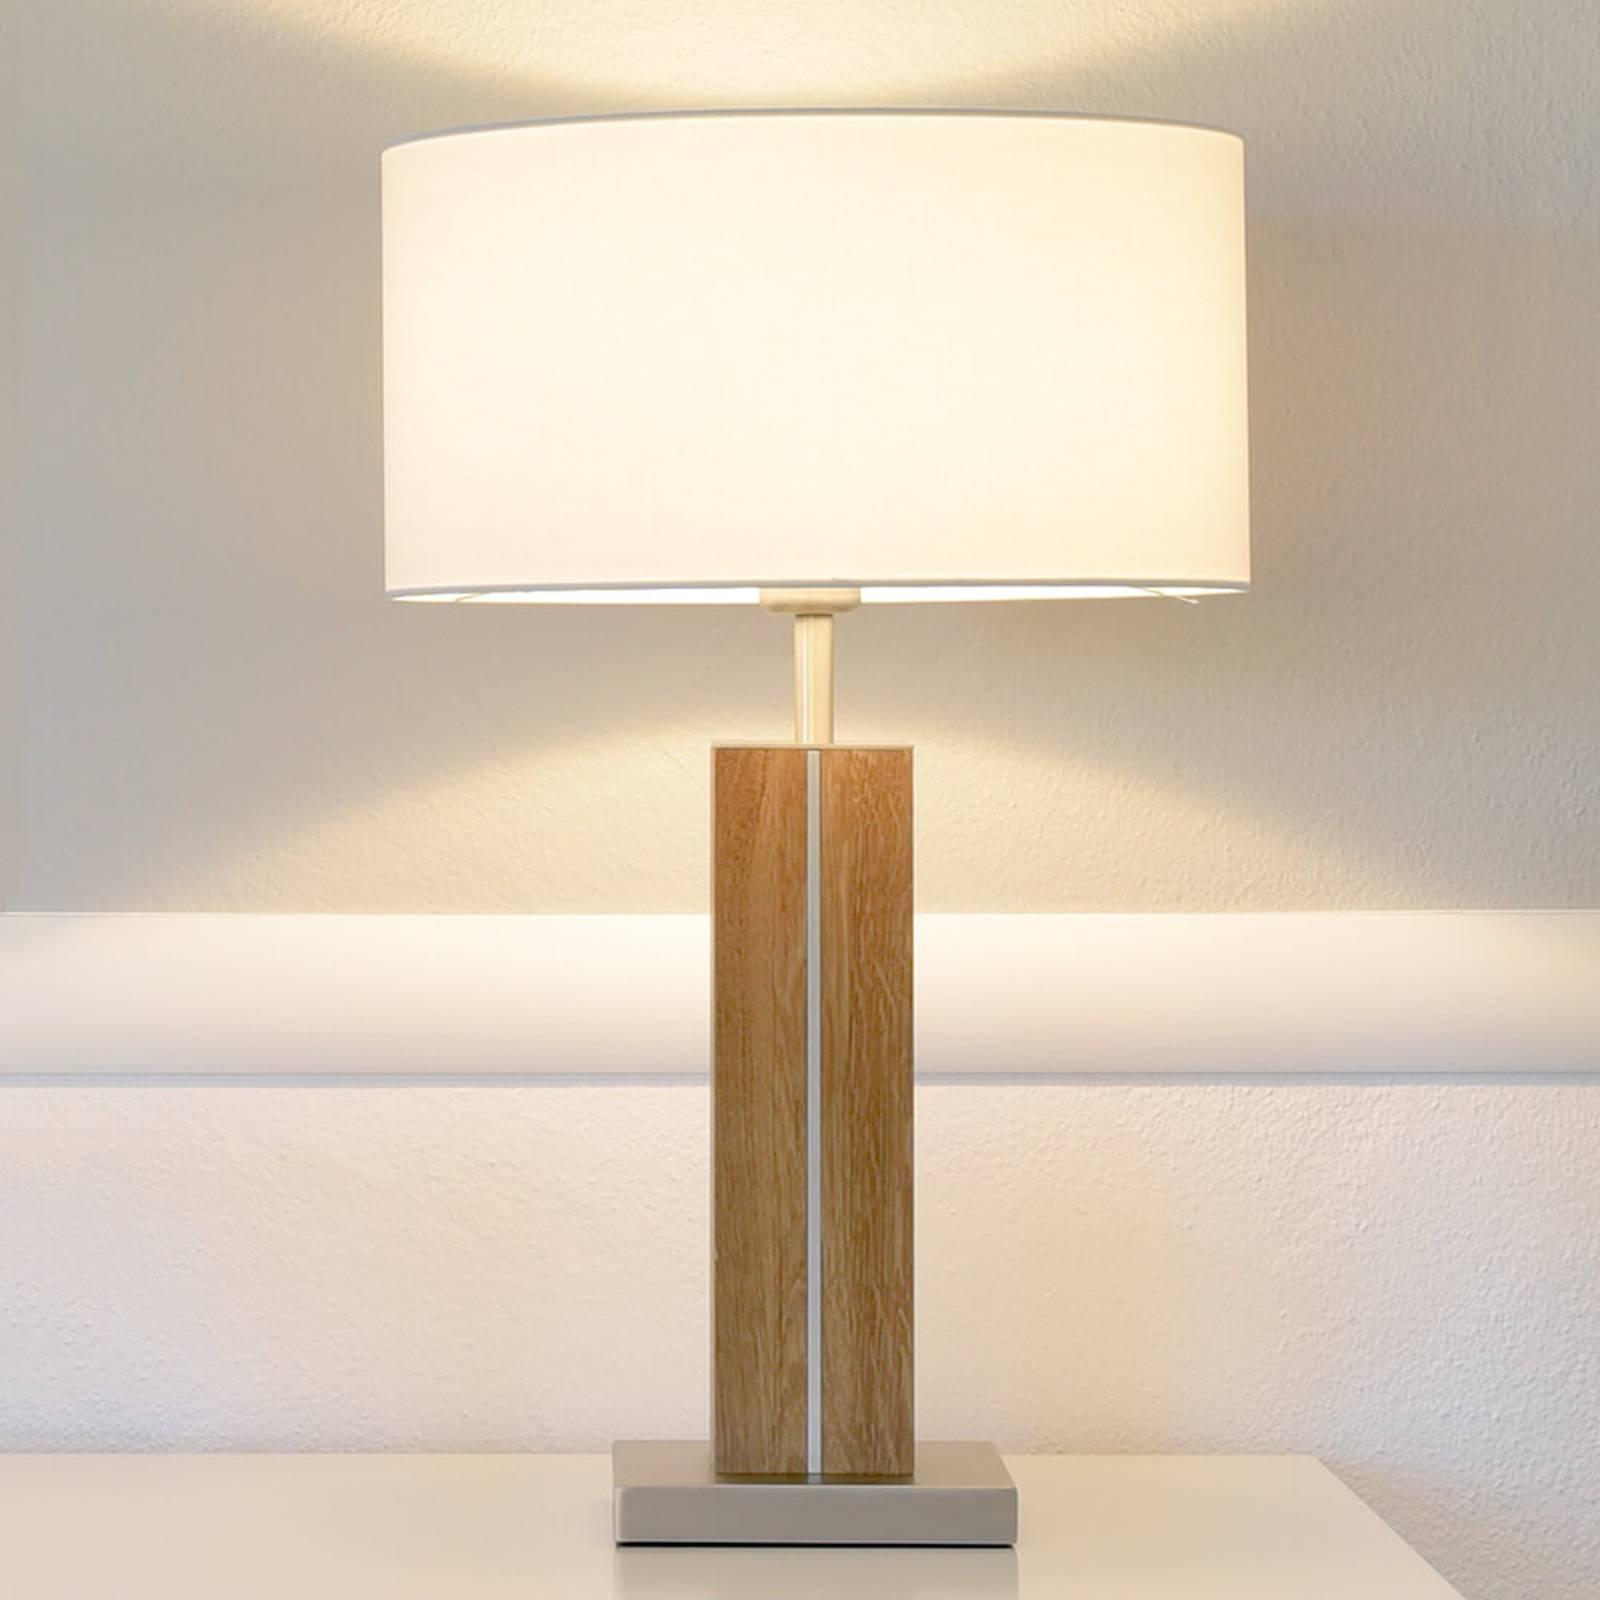 HerzBlut Dana -pöytävalaisin, tammi, korkeus 56 cm